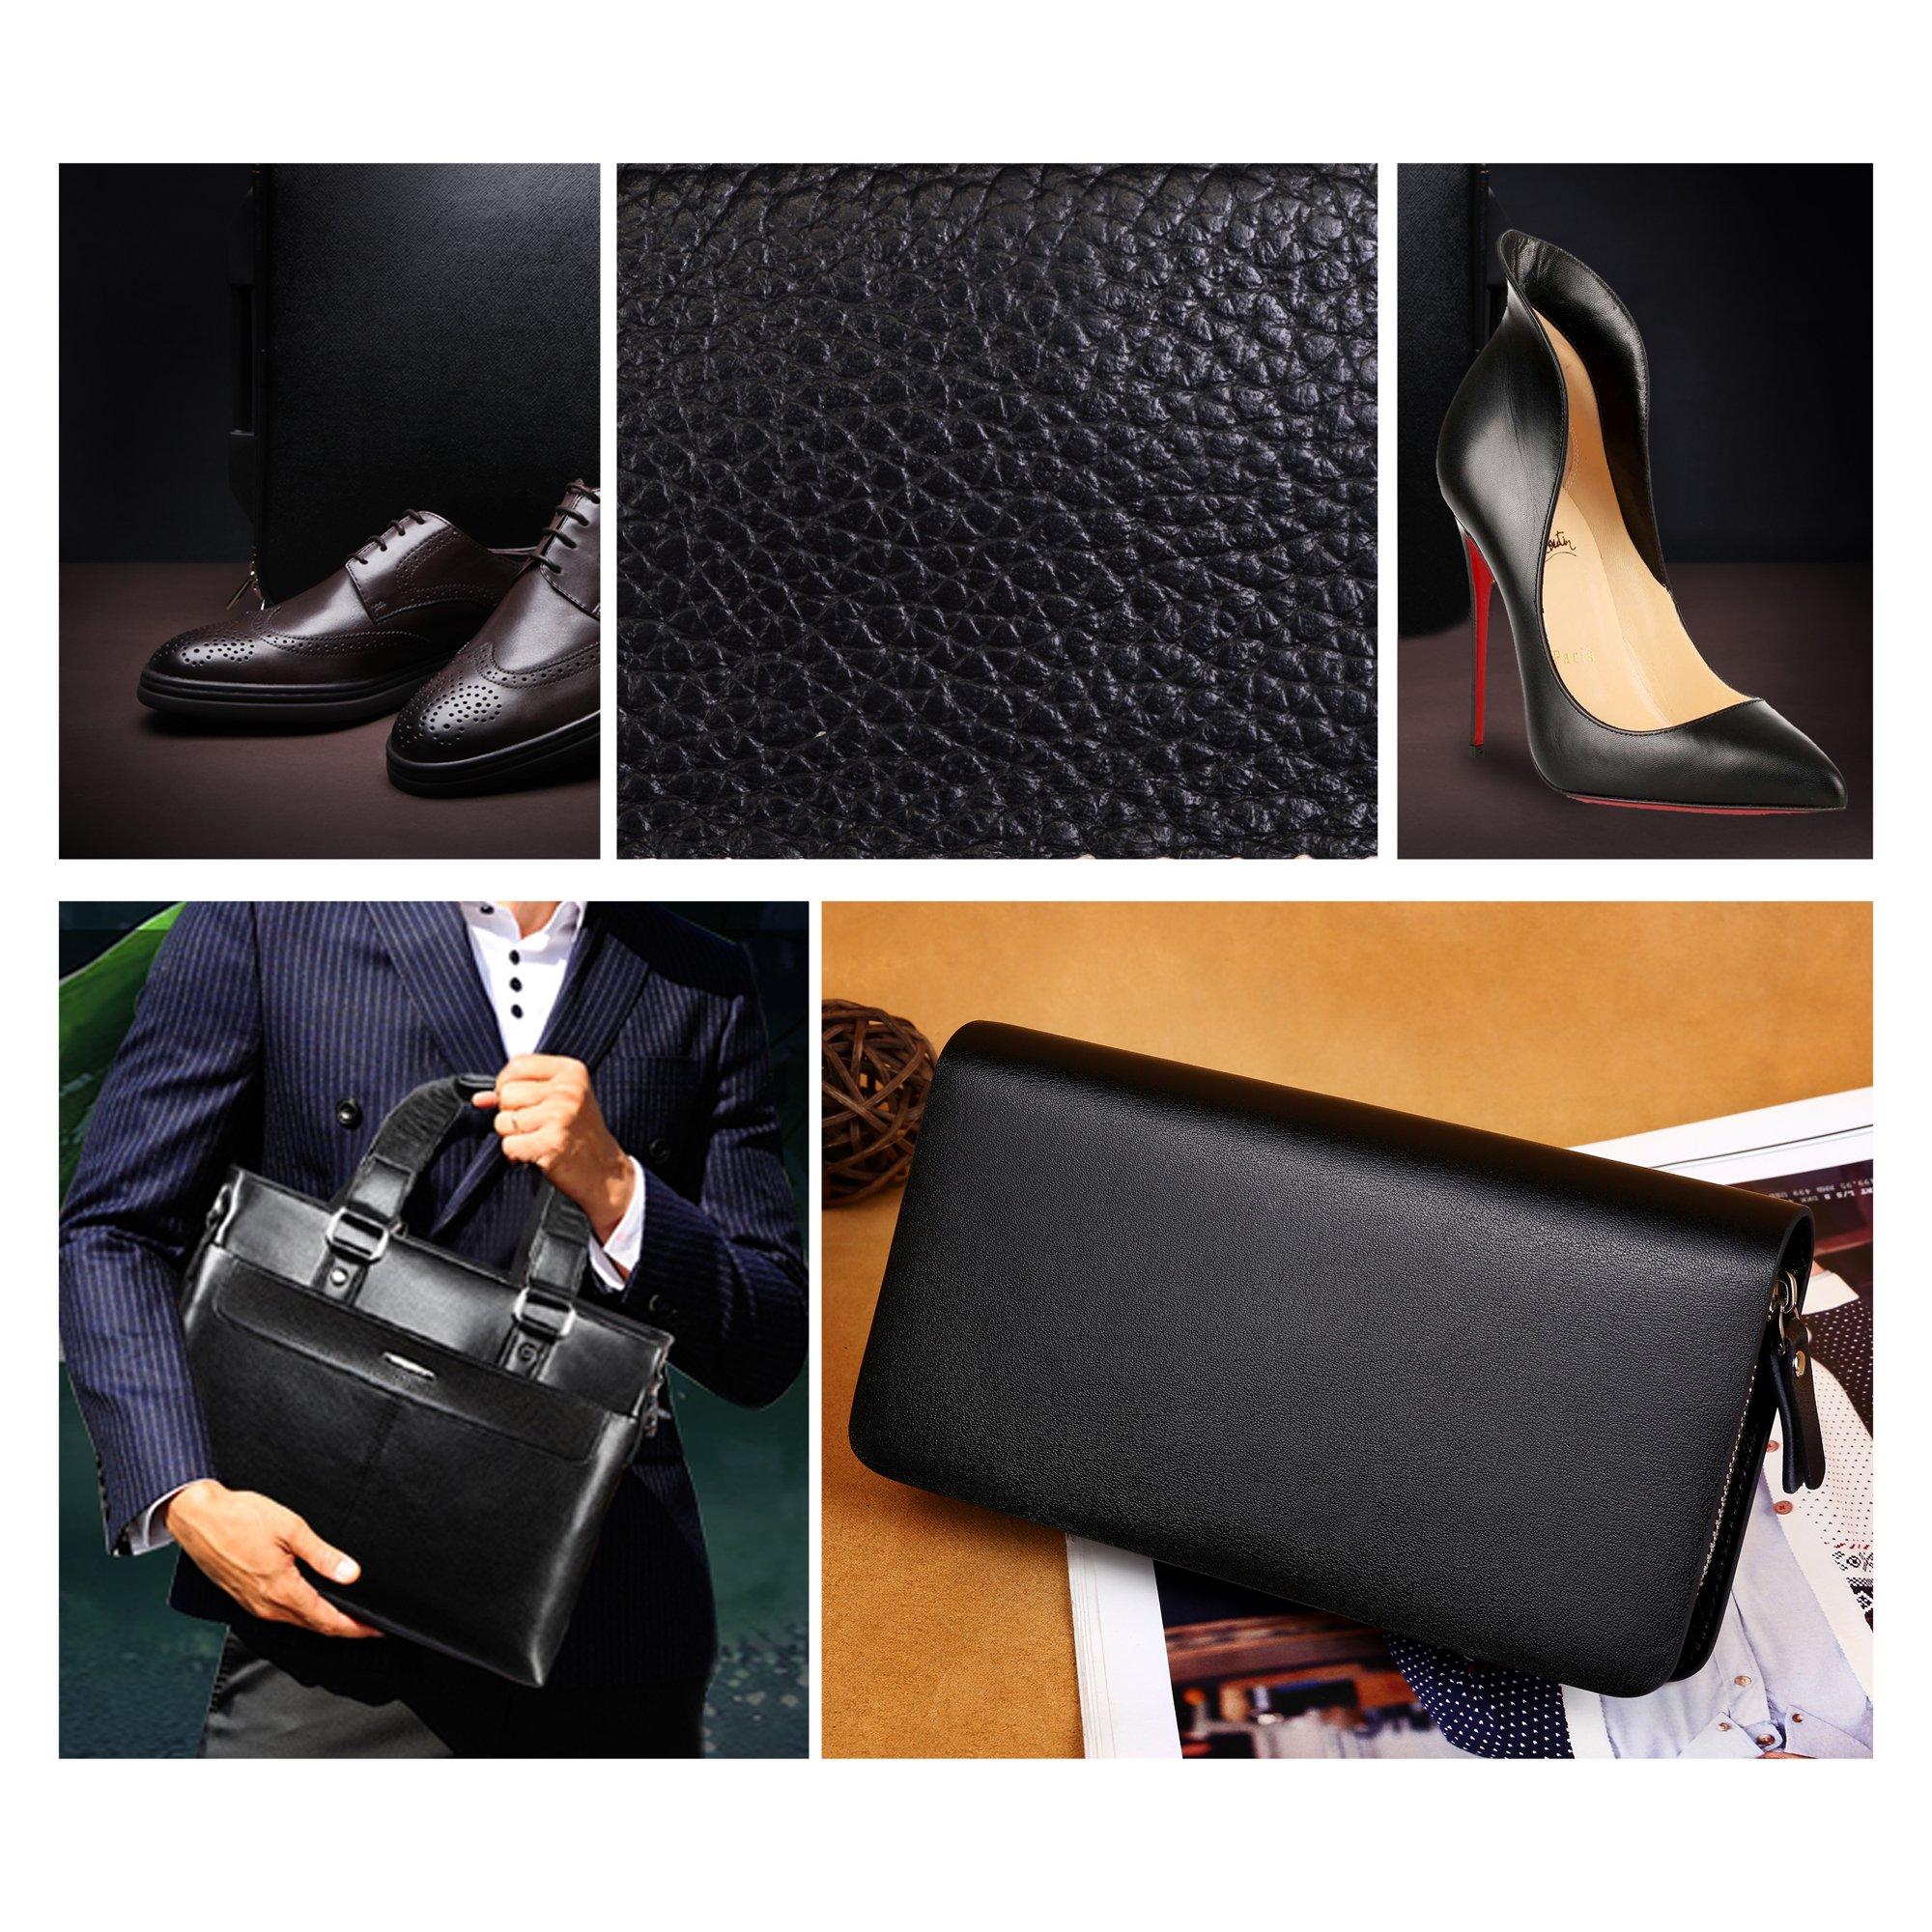 chuanyuekeji Shoe Shine Kit & Shoe Care Valet with PU Leather Sleek Elegant Case, 7-Piece Travel Shoe Shine Brush kit (Black) by chuanyuekeji (Image #5)